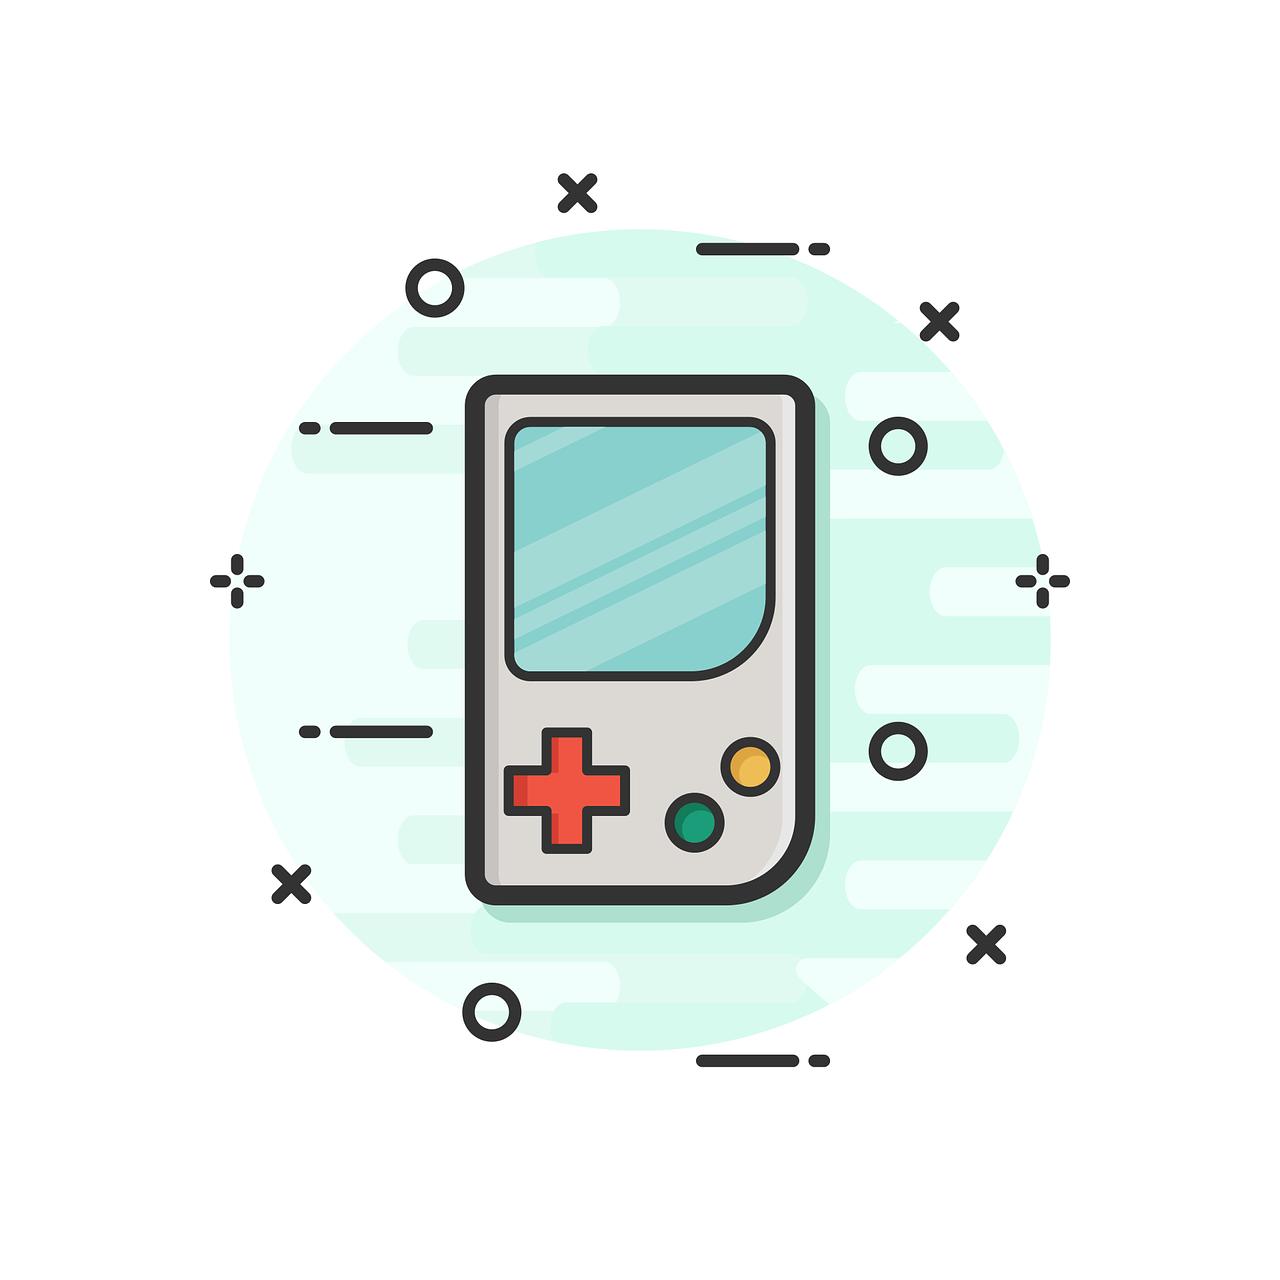 【案件情報】ゲーム開発に関わりたい方募集! RubyOnRails  経験に応じて50~70万